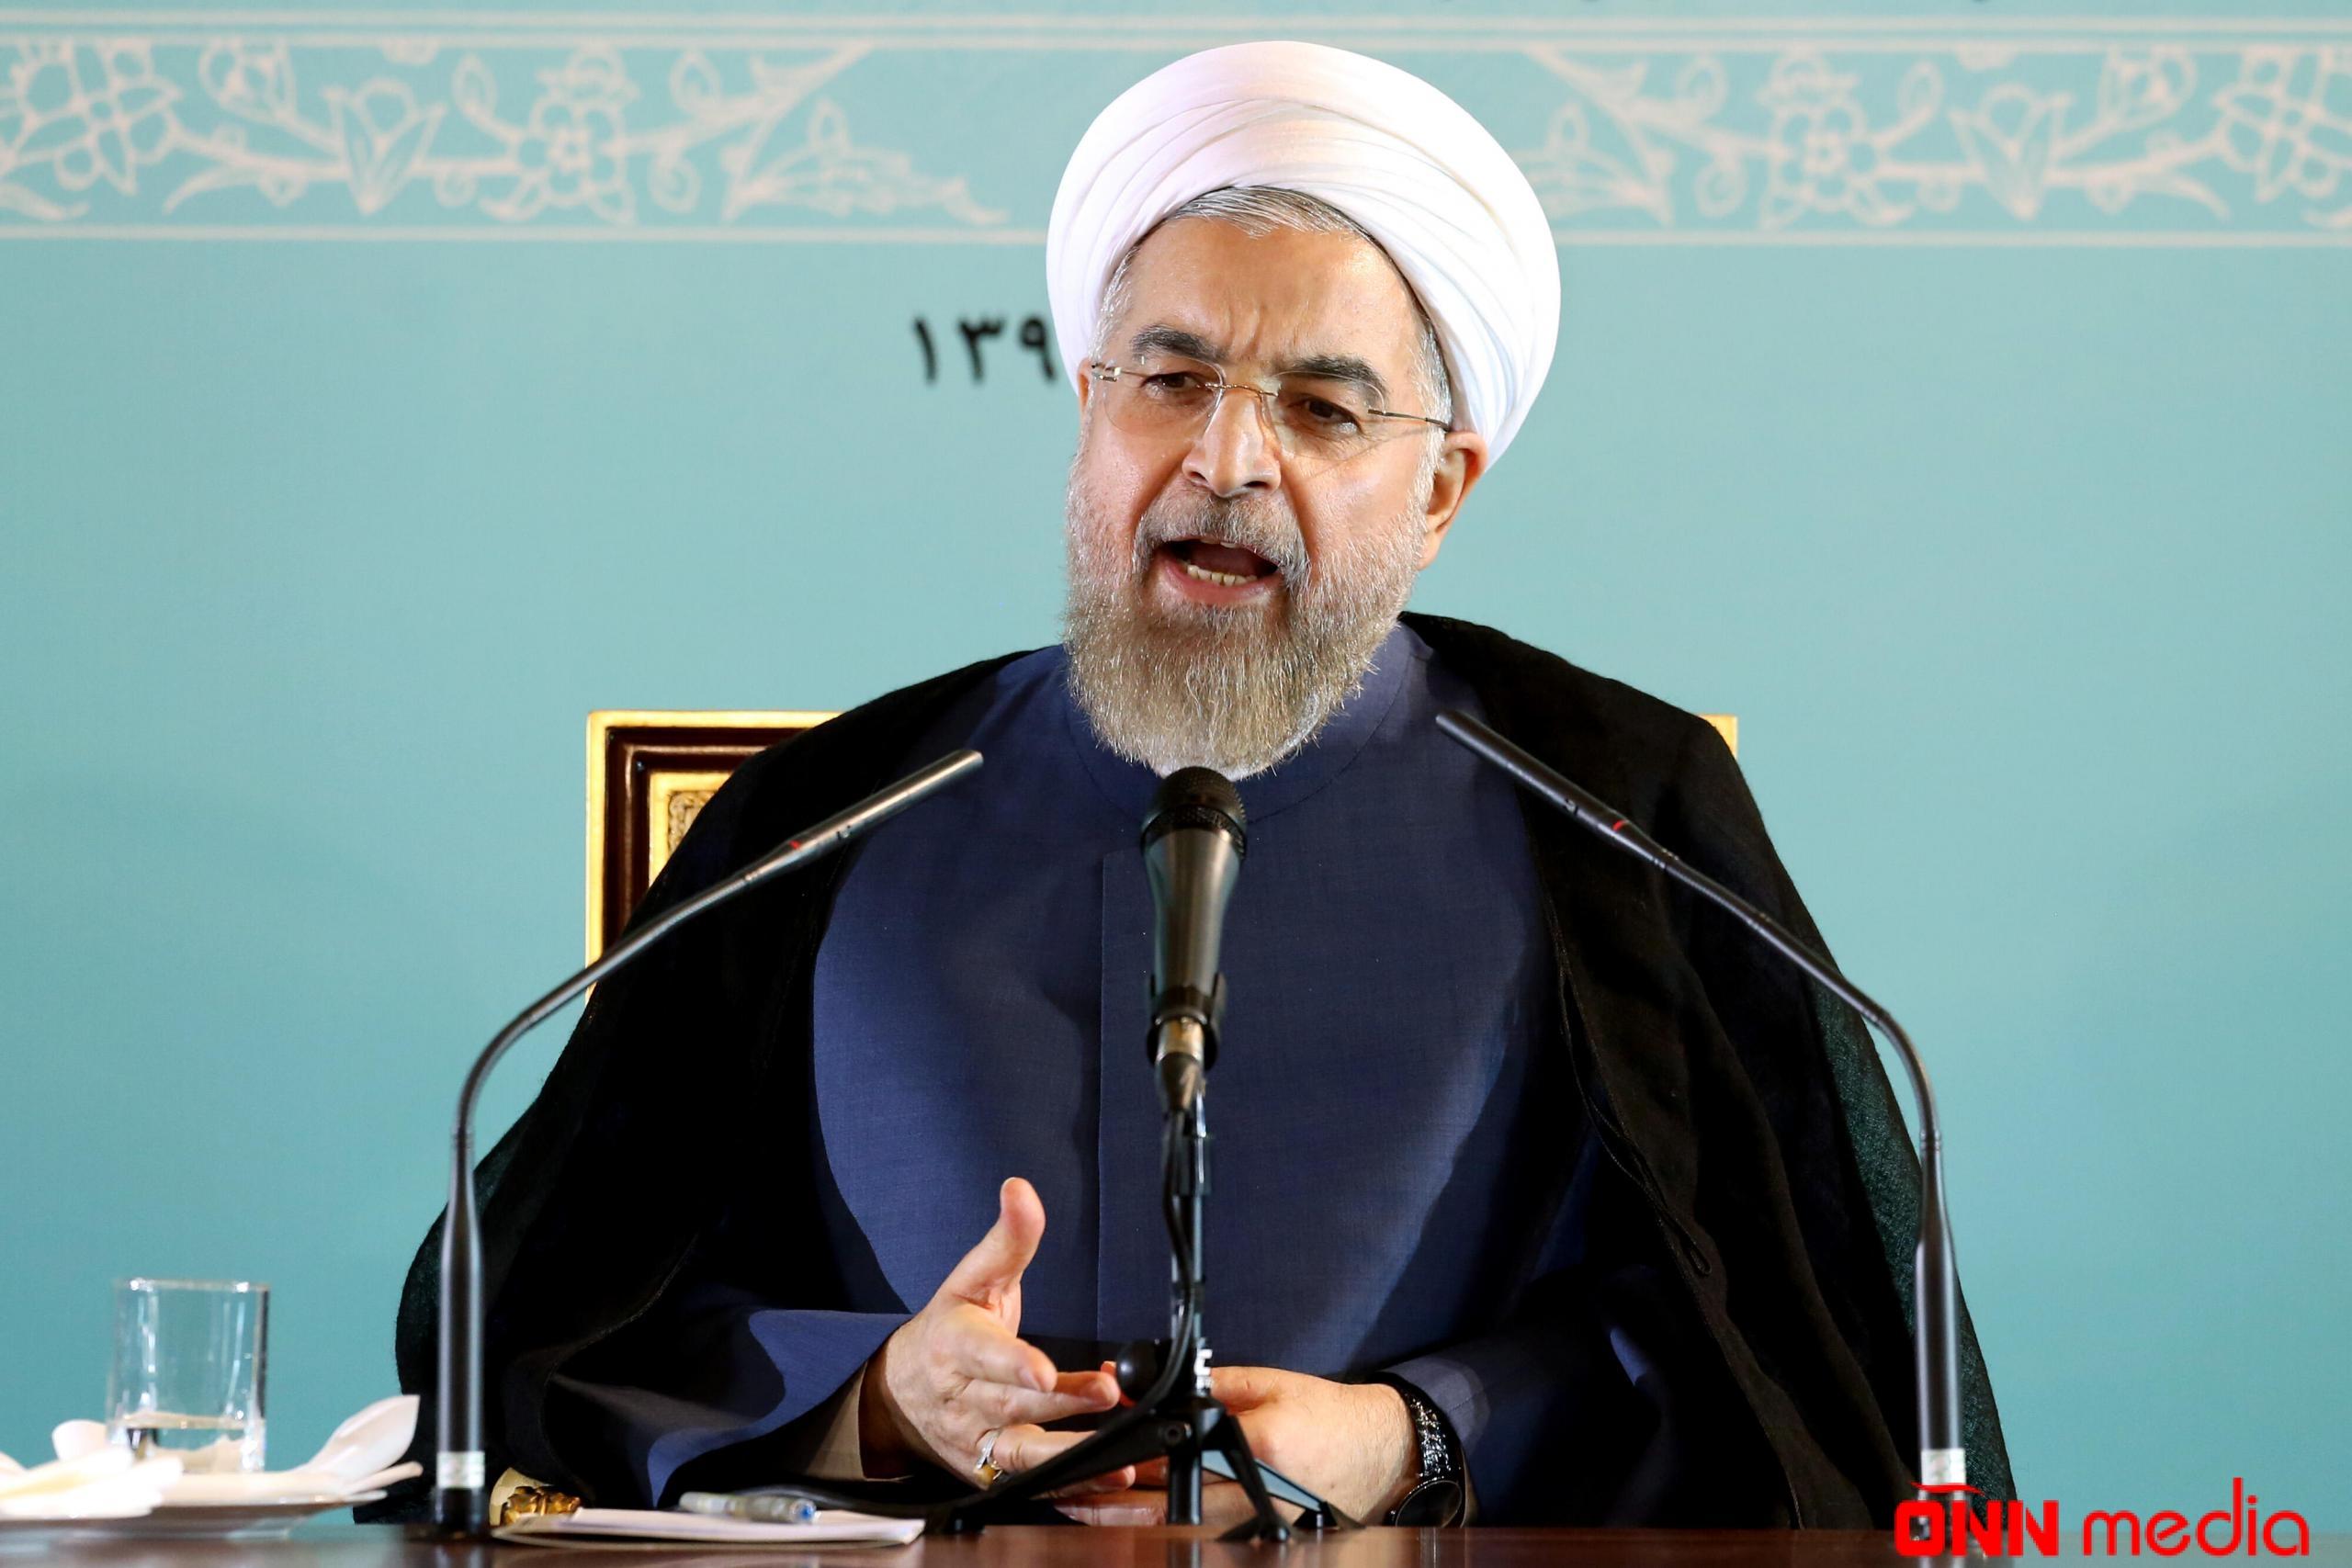 Ruhani vəzifəsindən uzaqlaşdırıla bilər – Parlamentdən GÖZLƏNİLMƏZ QƏRAR